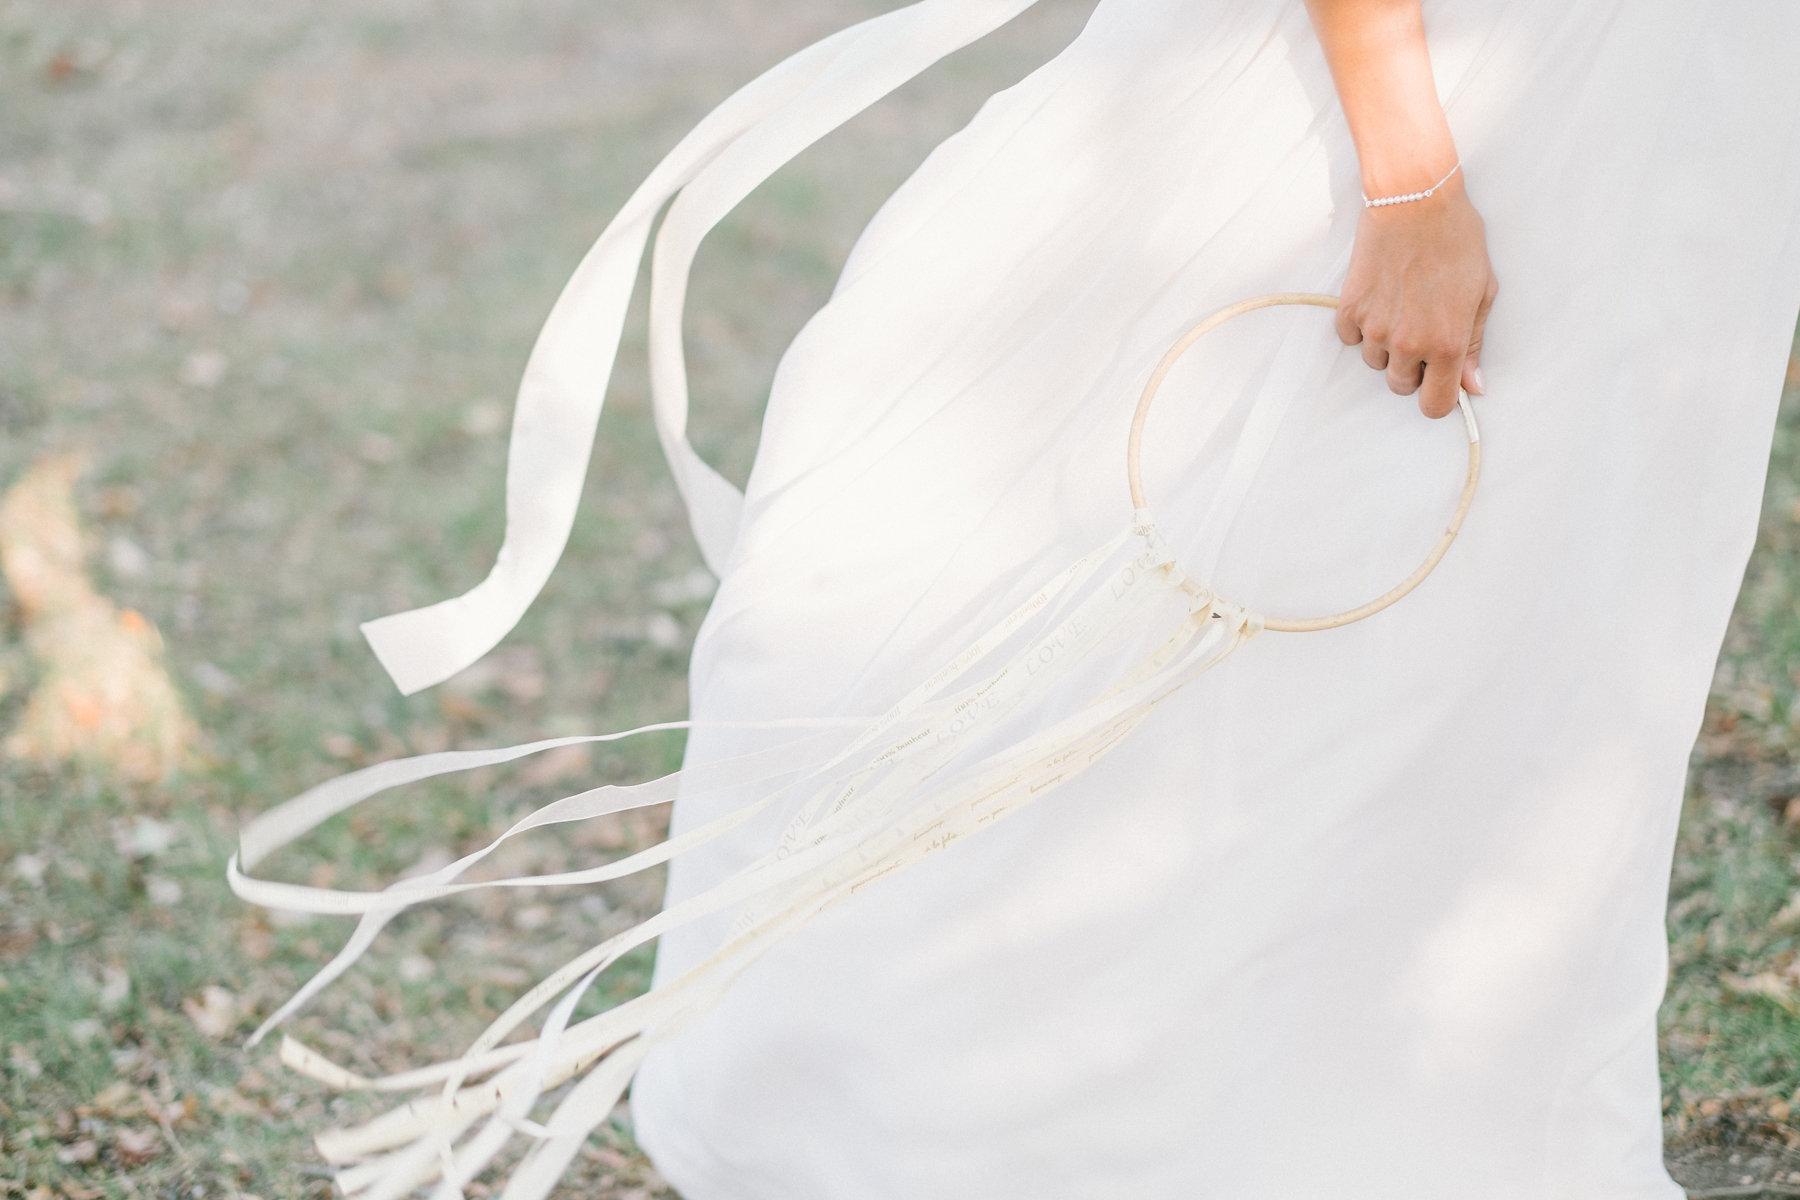 Bracelet mariée Dalia - L'Atelier de Sylvie © Lena G. Photography